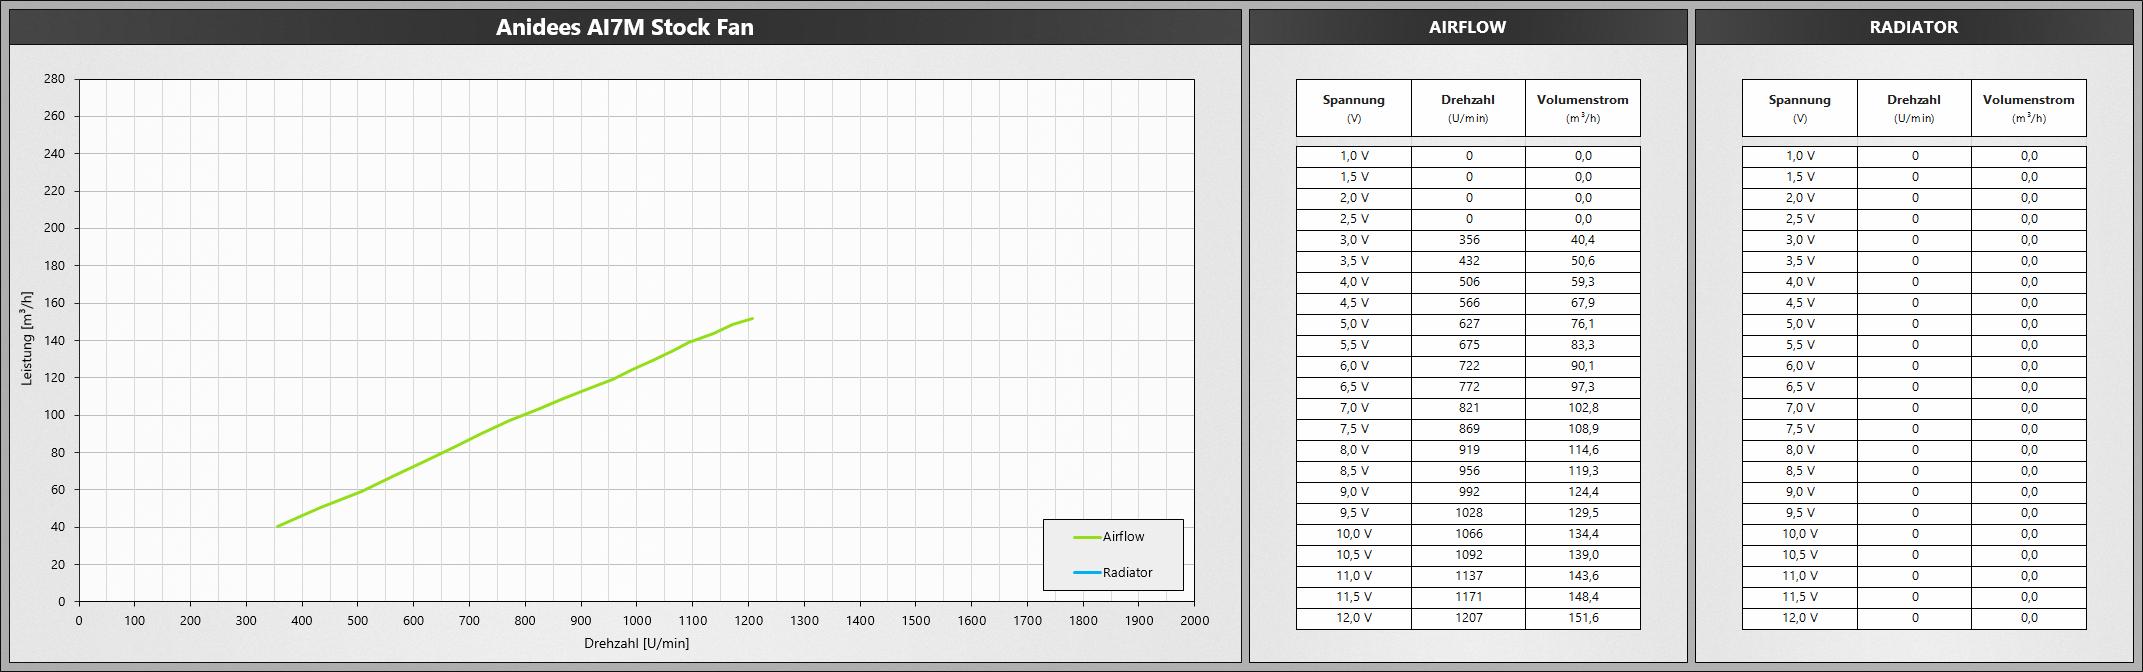 Klicken Sie auf die Grafik für eine größere Ansicht  Name:AnideesAI7M-Stock.png Hits:686 Größe:467,3 KB ID:1074749